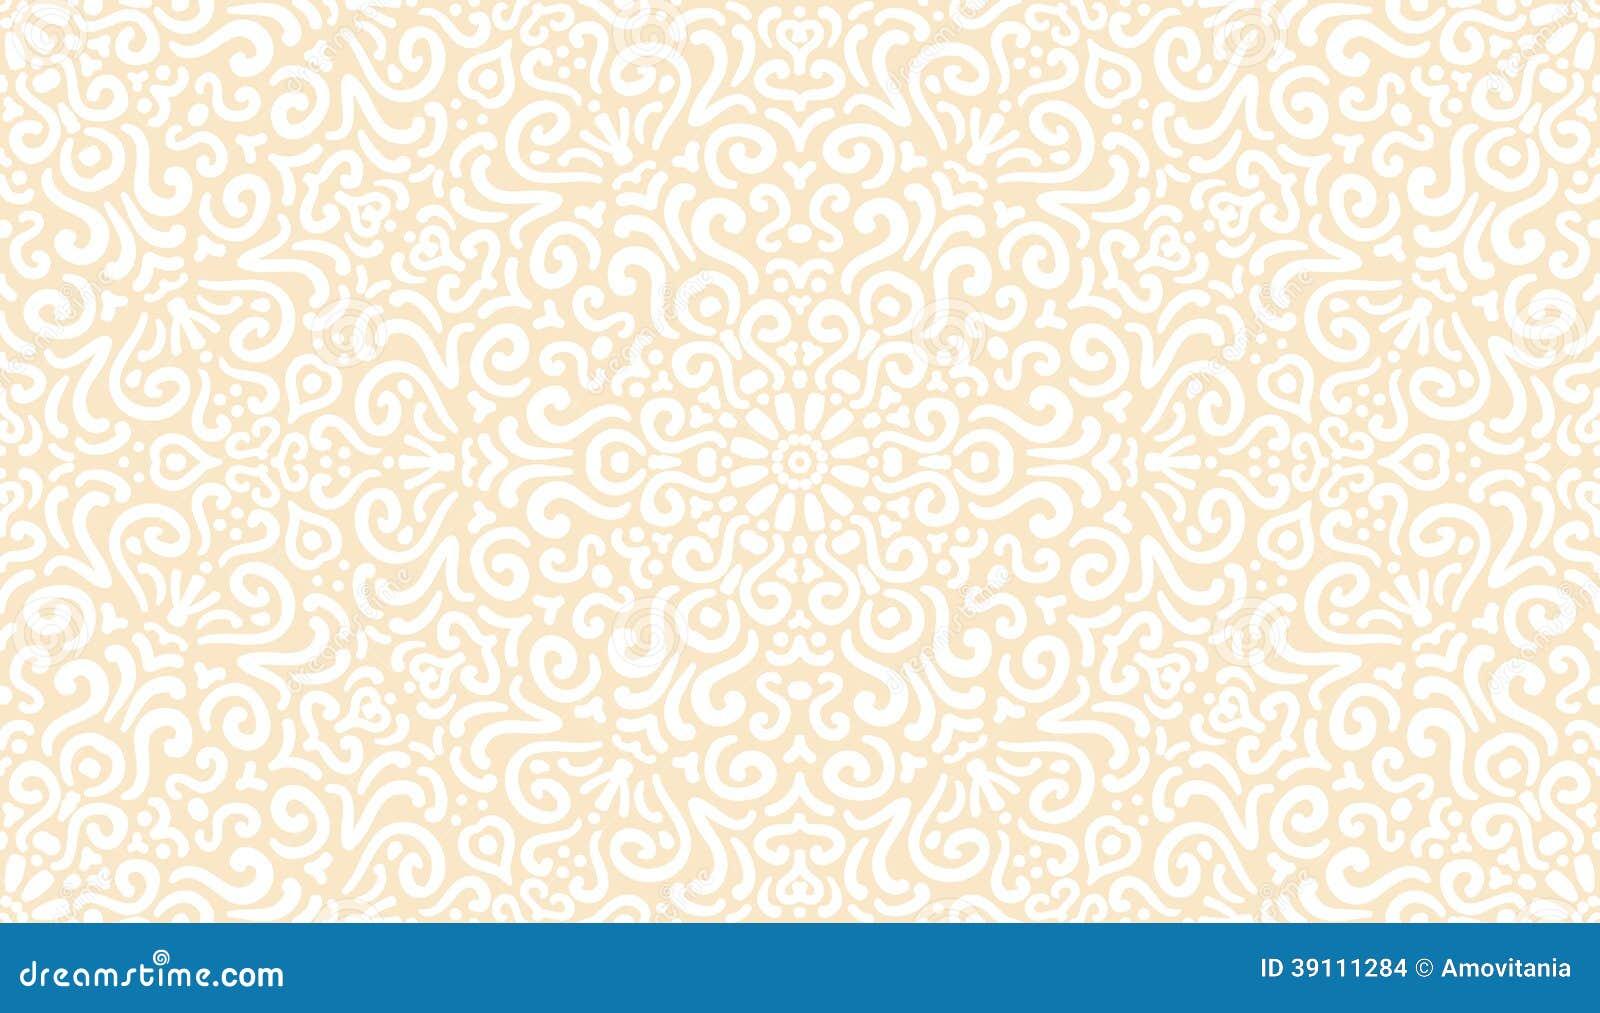 Ingewikkeld fantasie wit naadloos patroon